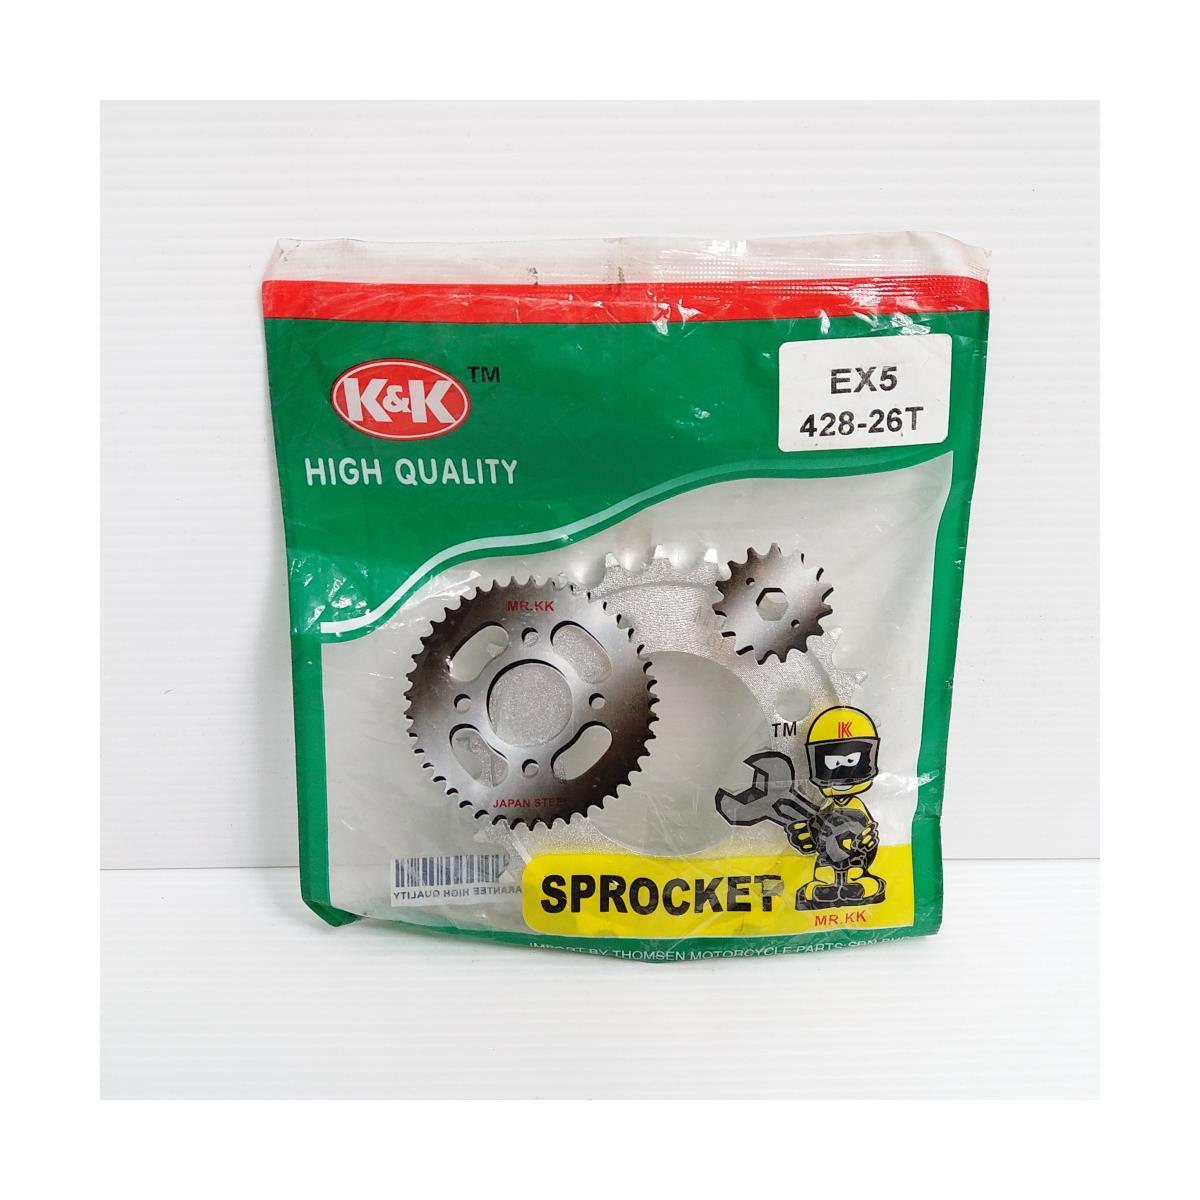 REAR SPROCKET EX5 26T (428)(K&K)